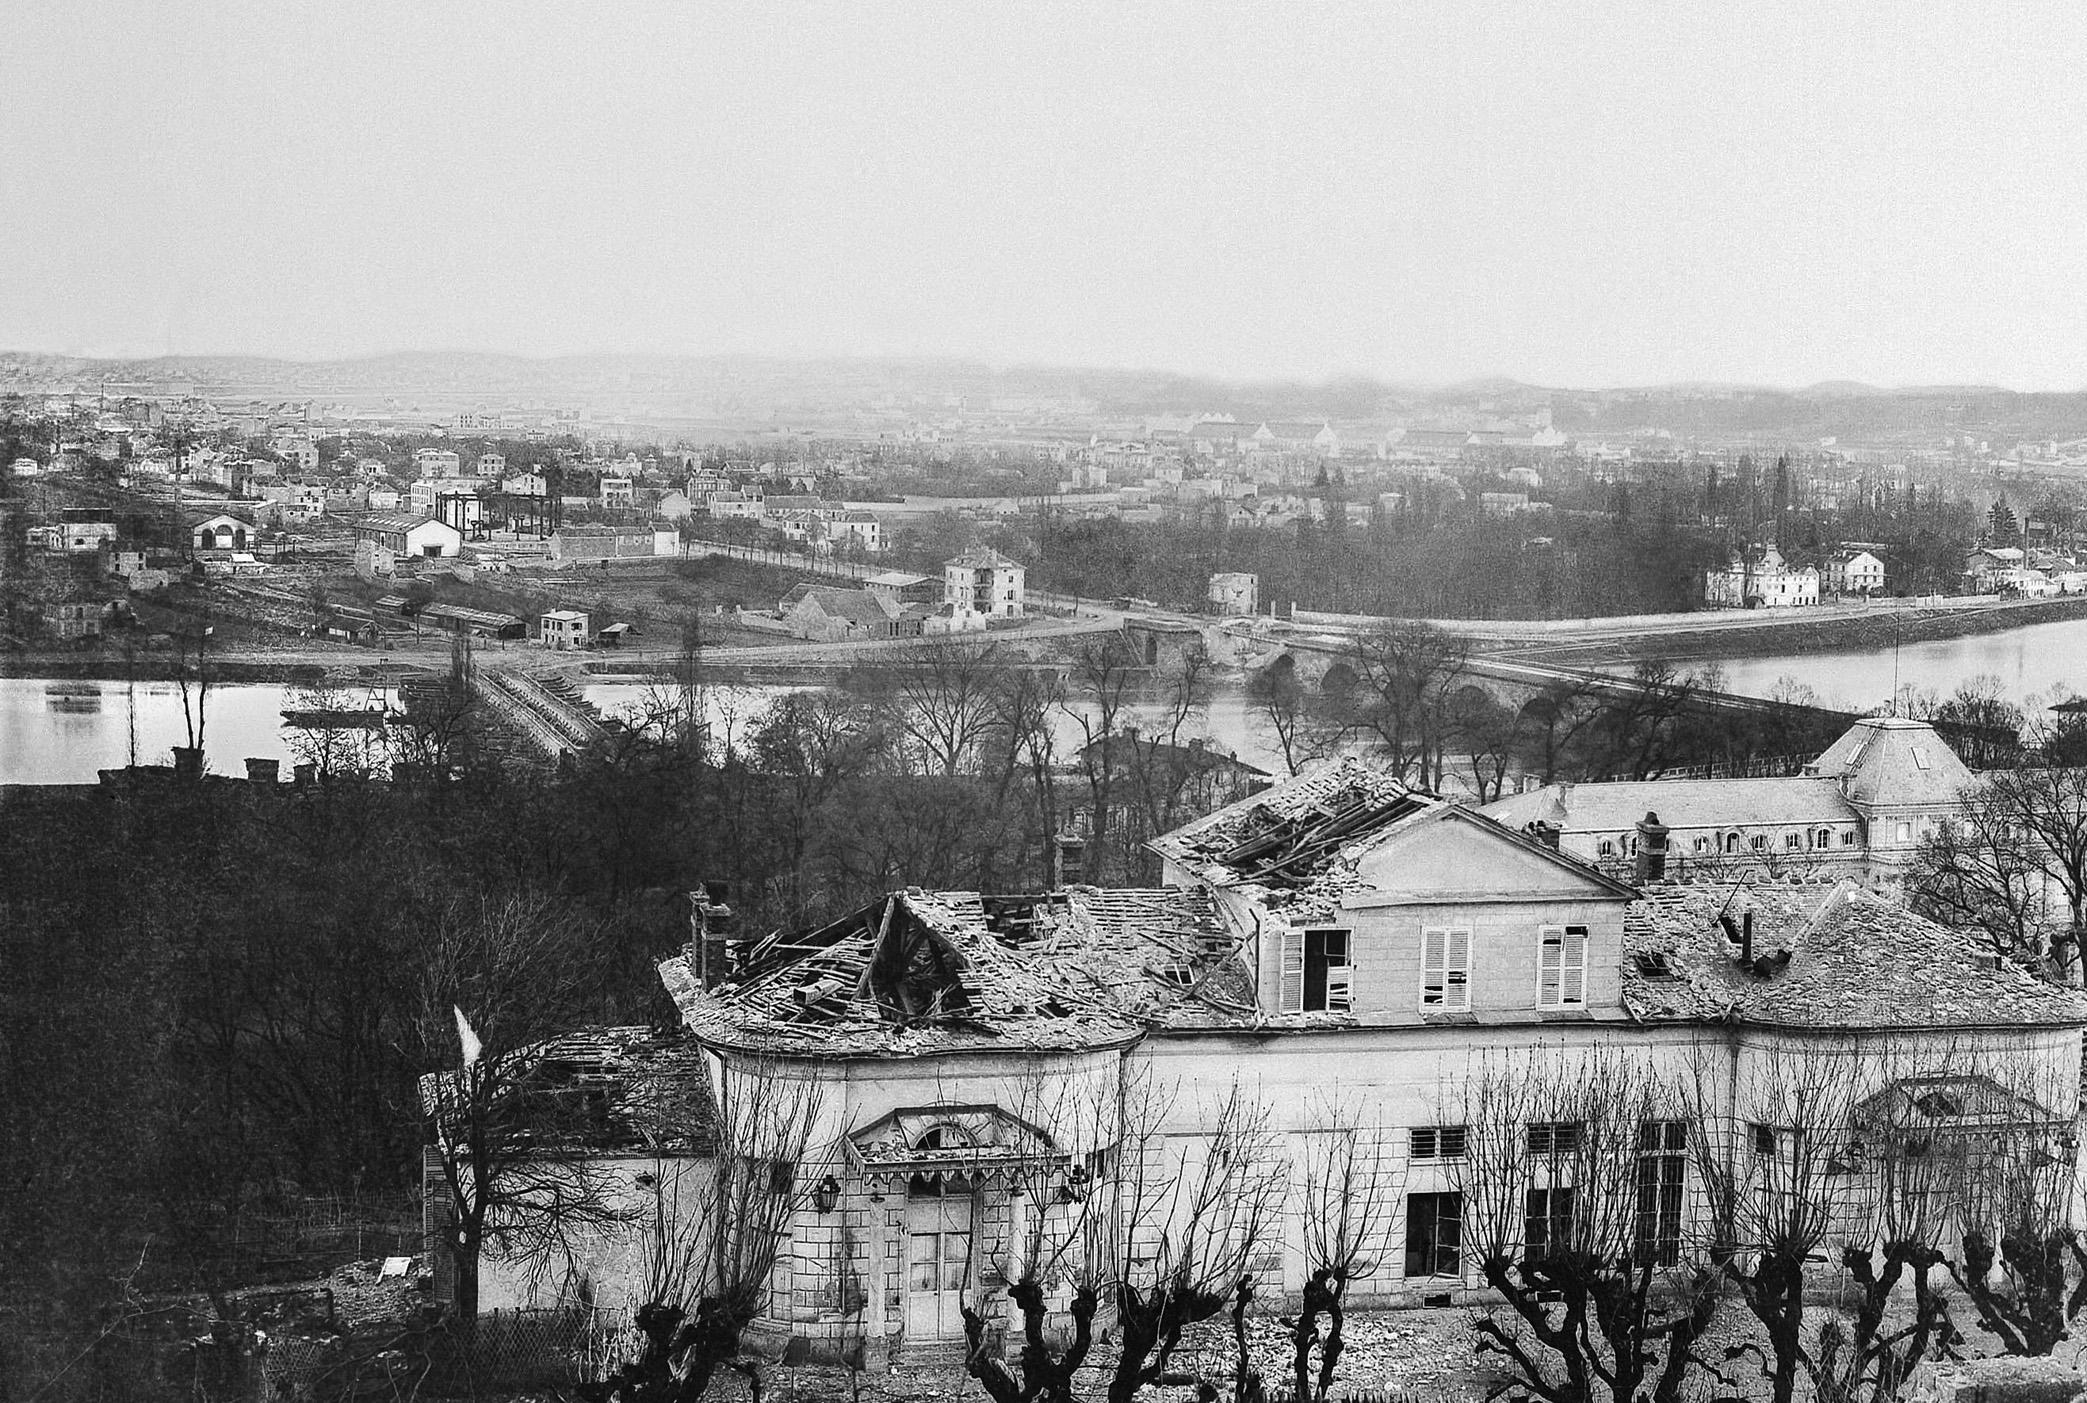 Sèvres-Pavillon de Breteuil, quartier général des prussiens incendié par l'armée française-1871